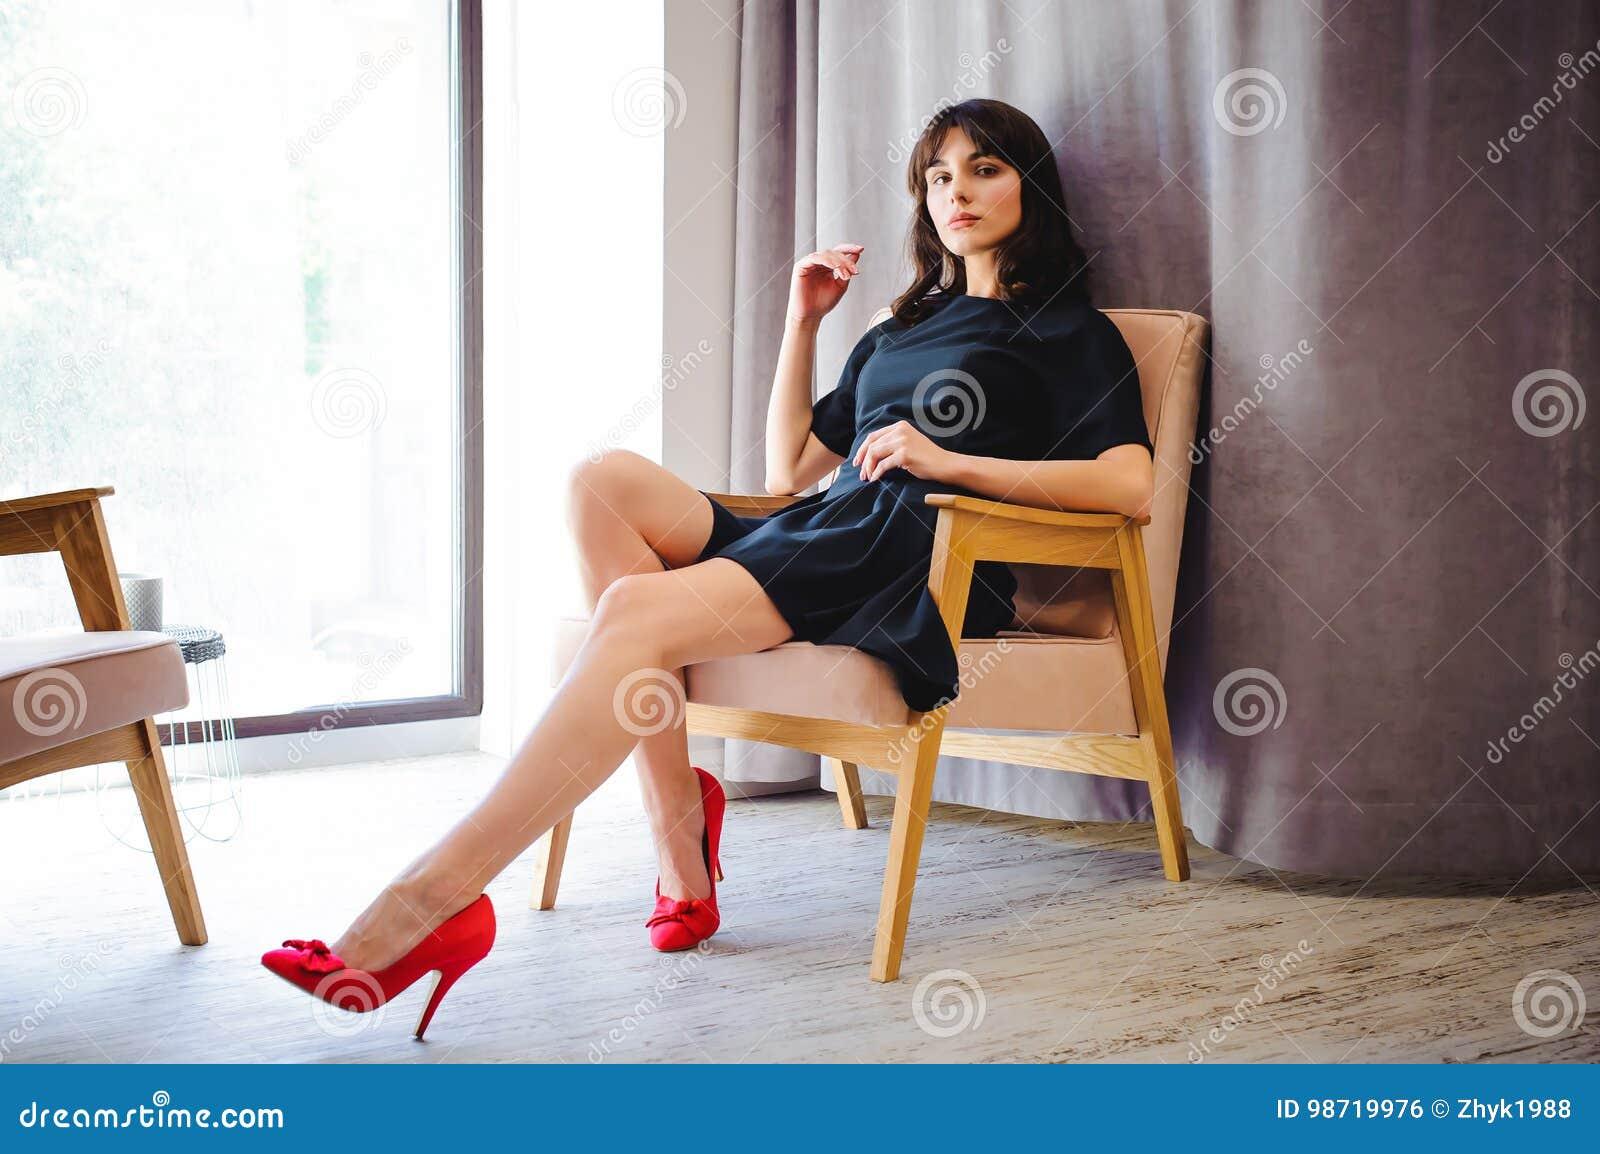 Den unga attraktiva kvinnan med långa ben i svart elegant klänning, sitter i stol nära fönster i inre av rum